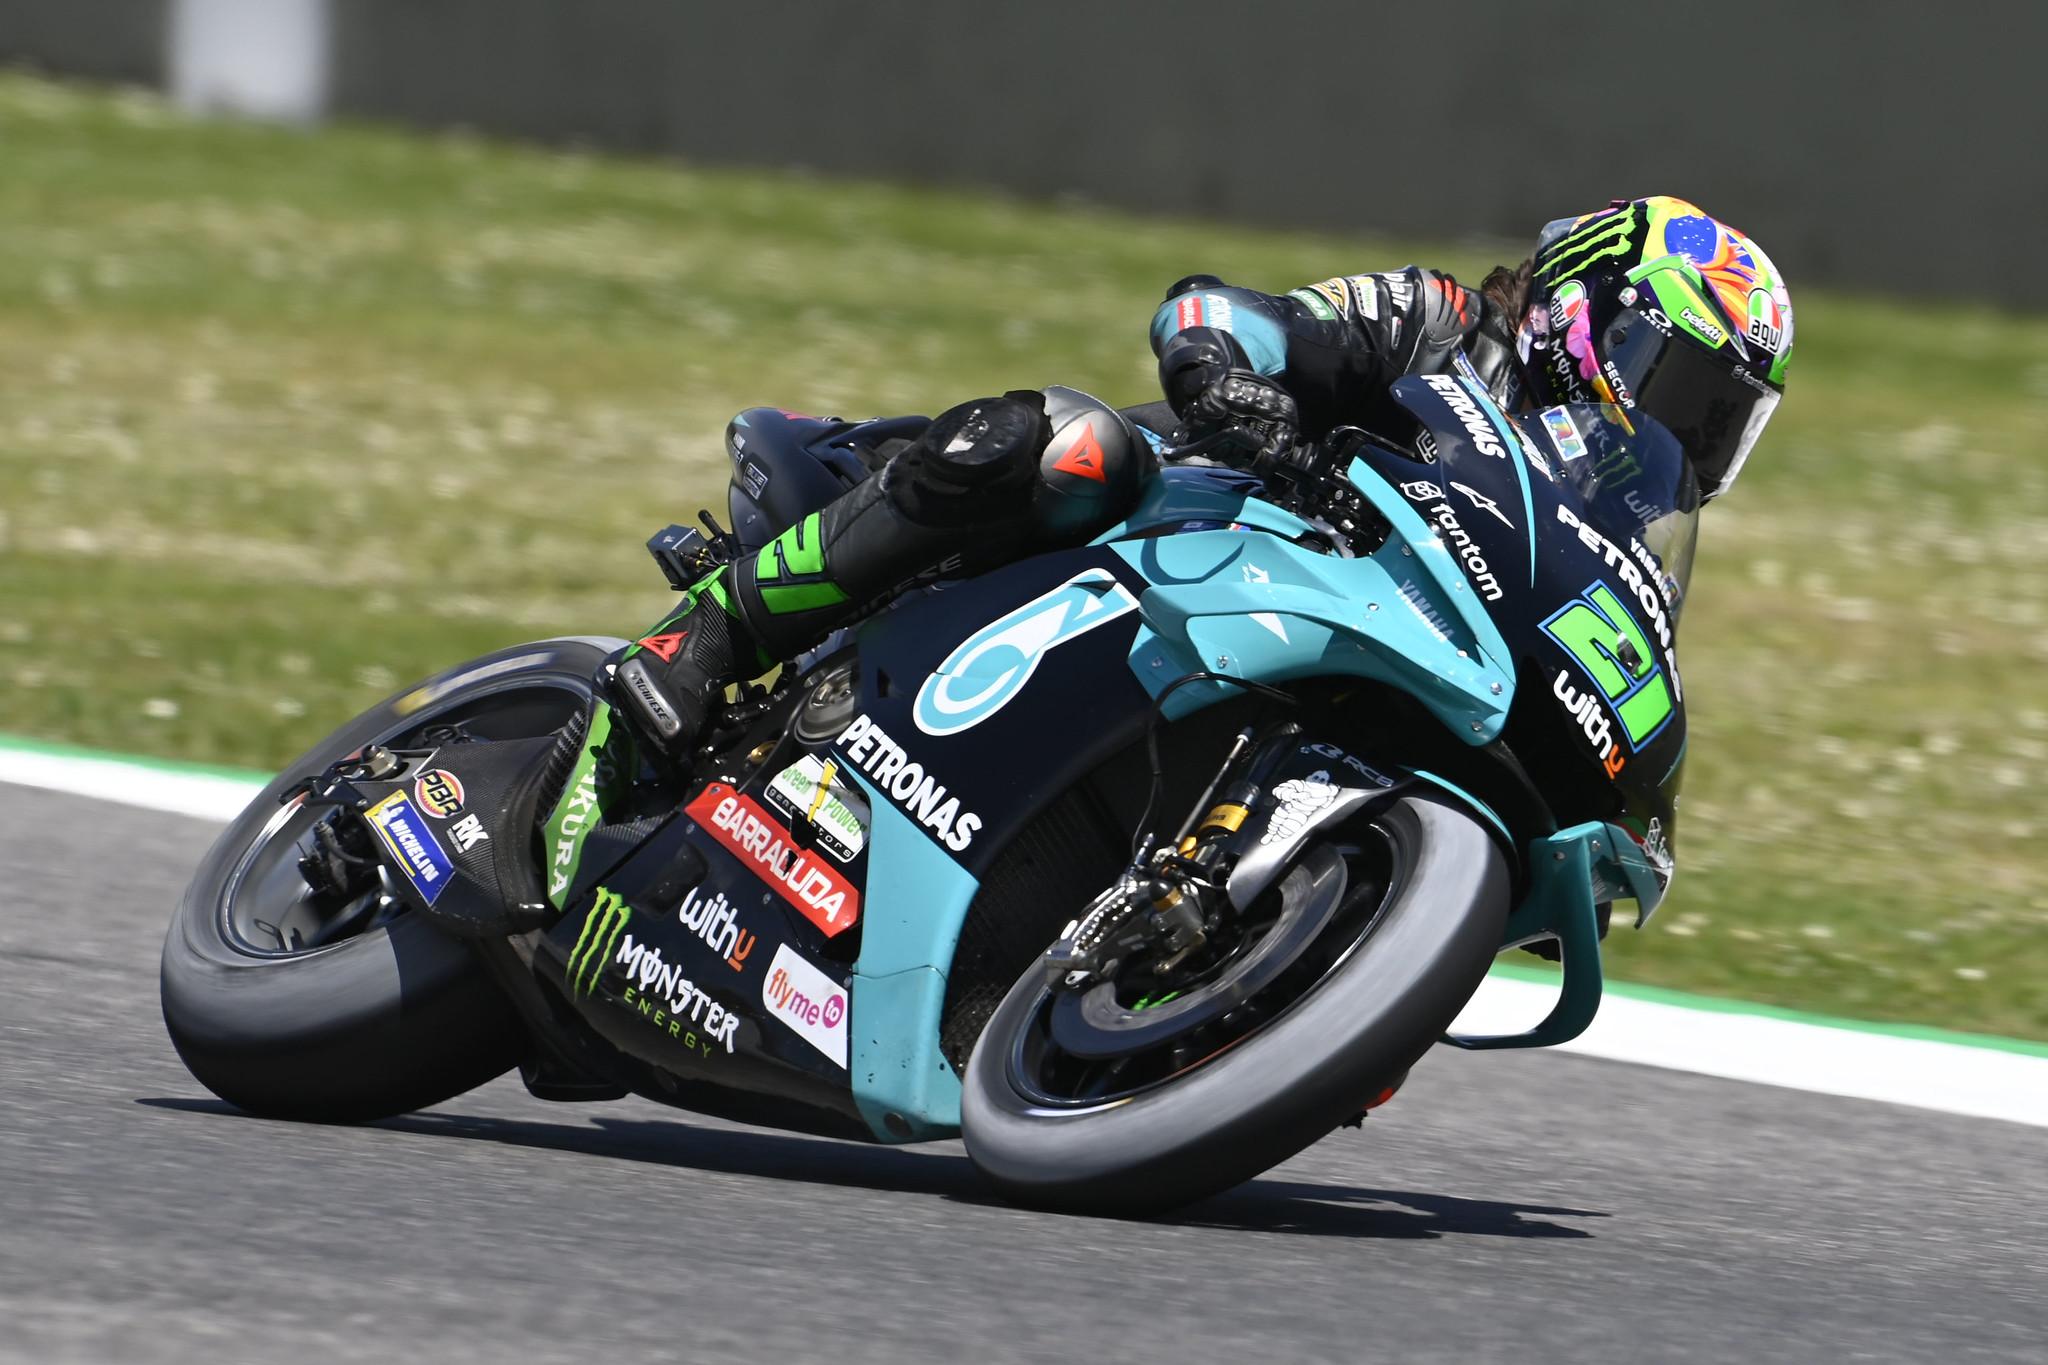 MotoGP2021イタリアGP 16位フランコ・モルビデッリ「マルクを避けたことで時間をロスした」